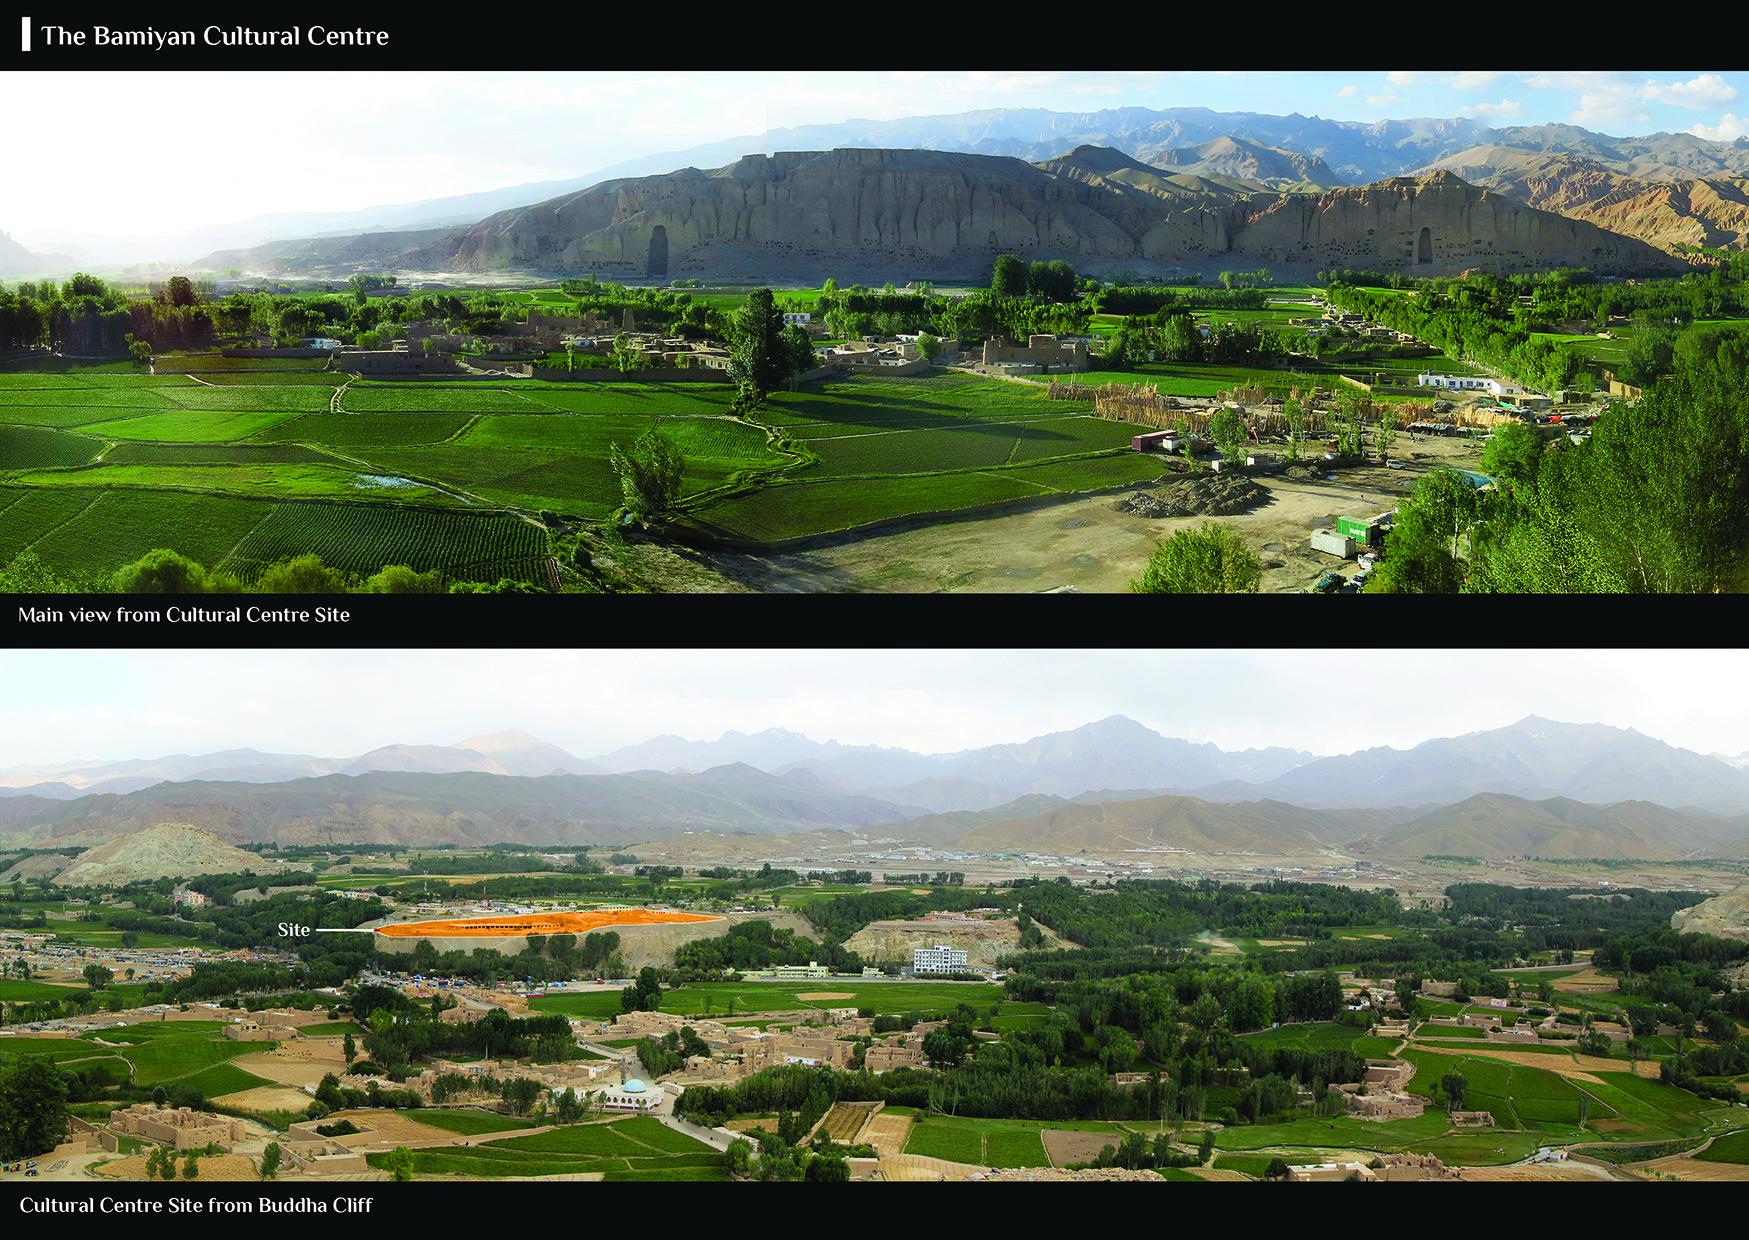 UNESCO lança concurso para o Bamiyan Cultural Centre no Afeganistão